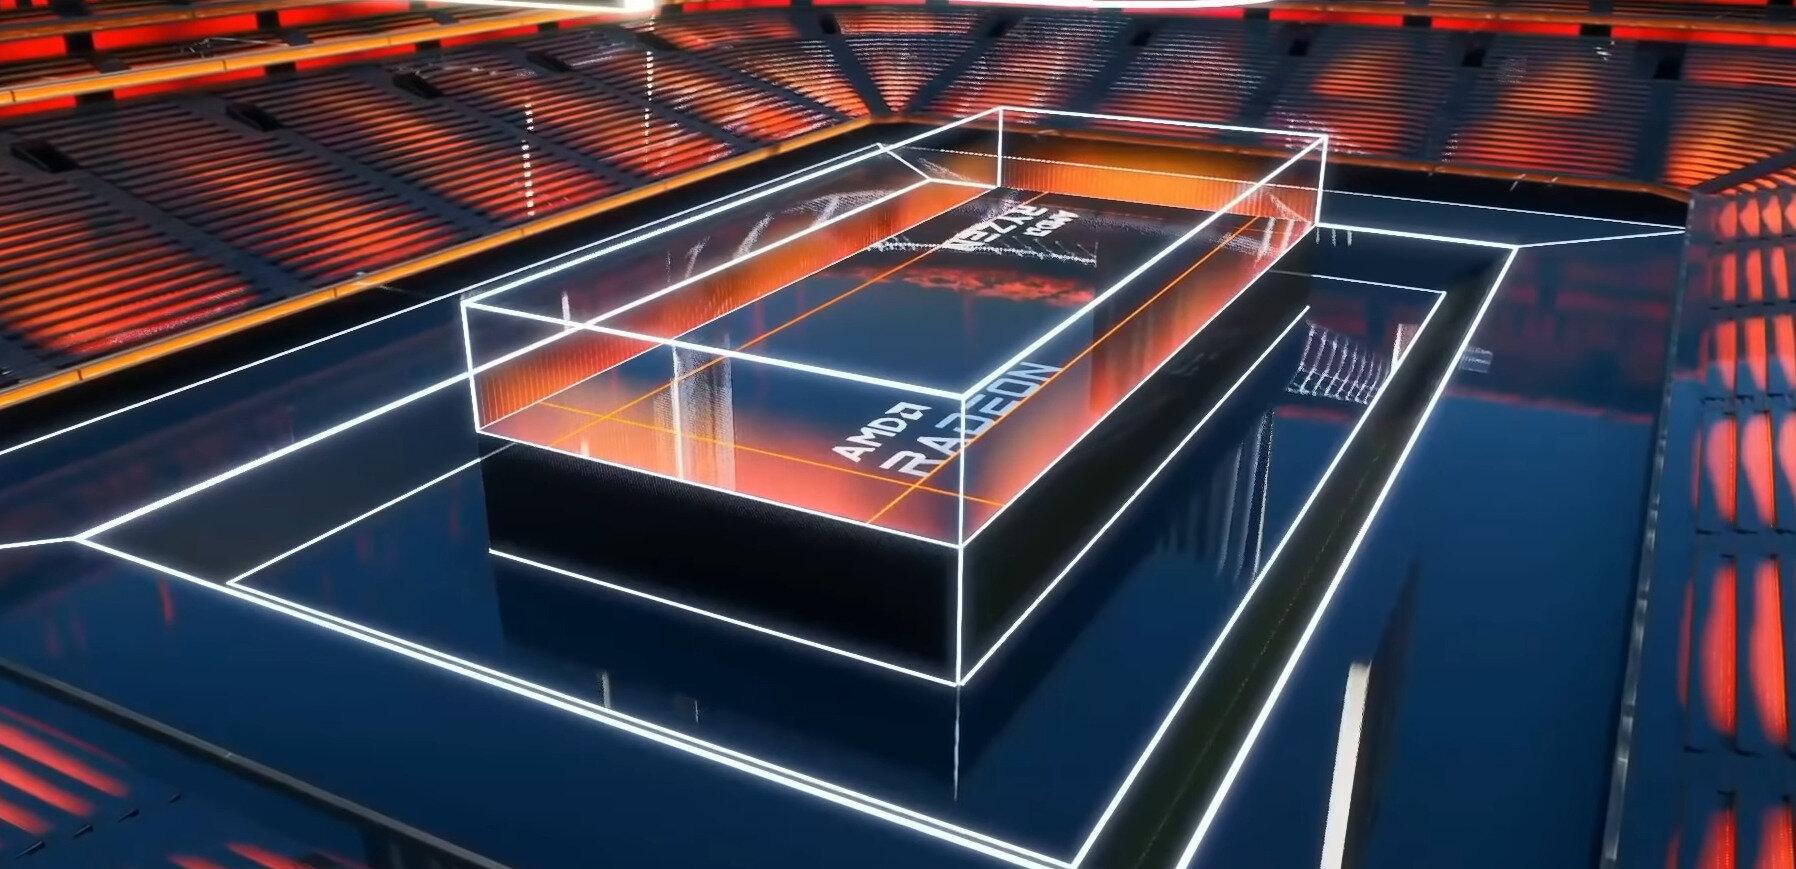 Battle Arena : AMD publie une carte multi-joueurs pour Fortnite